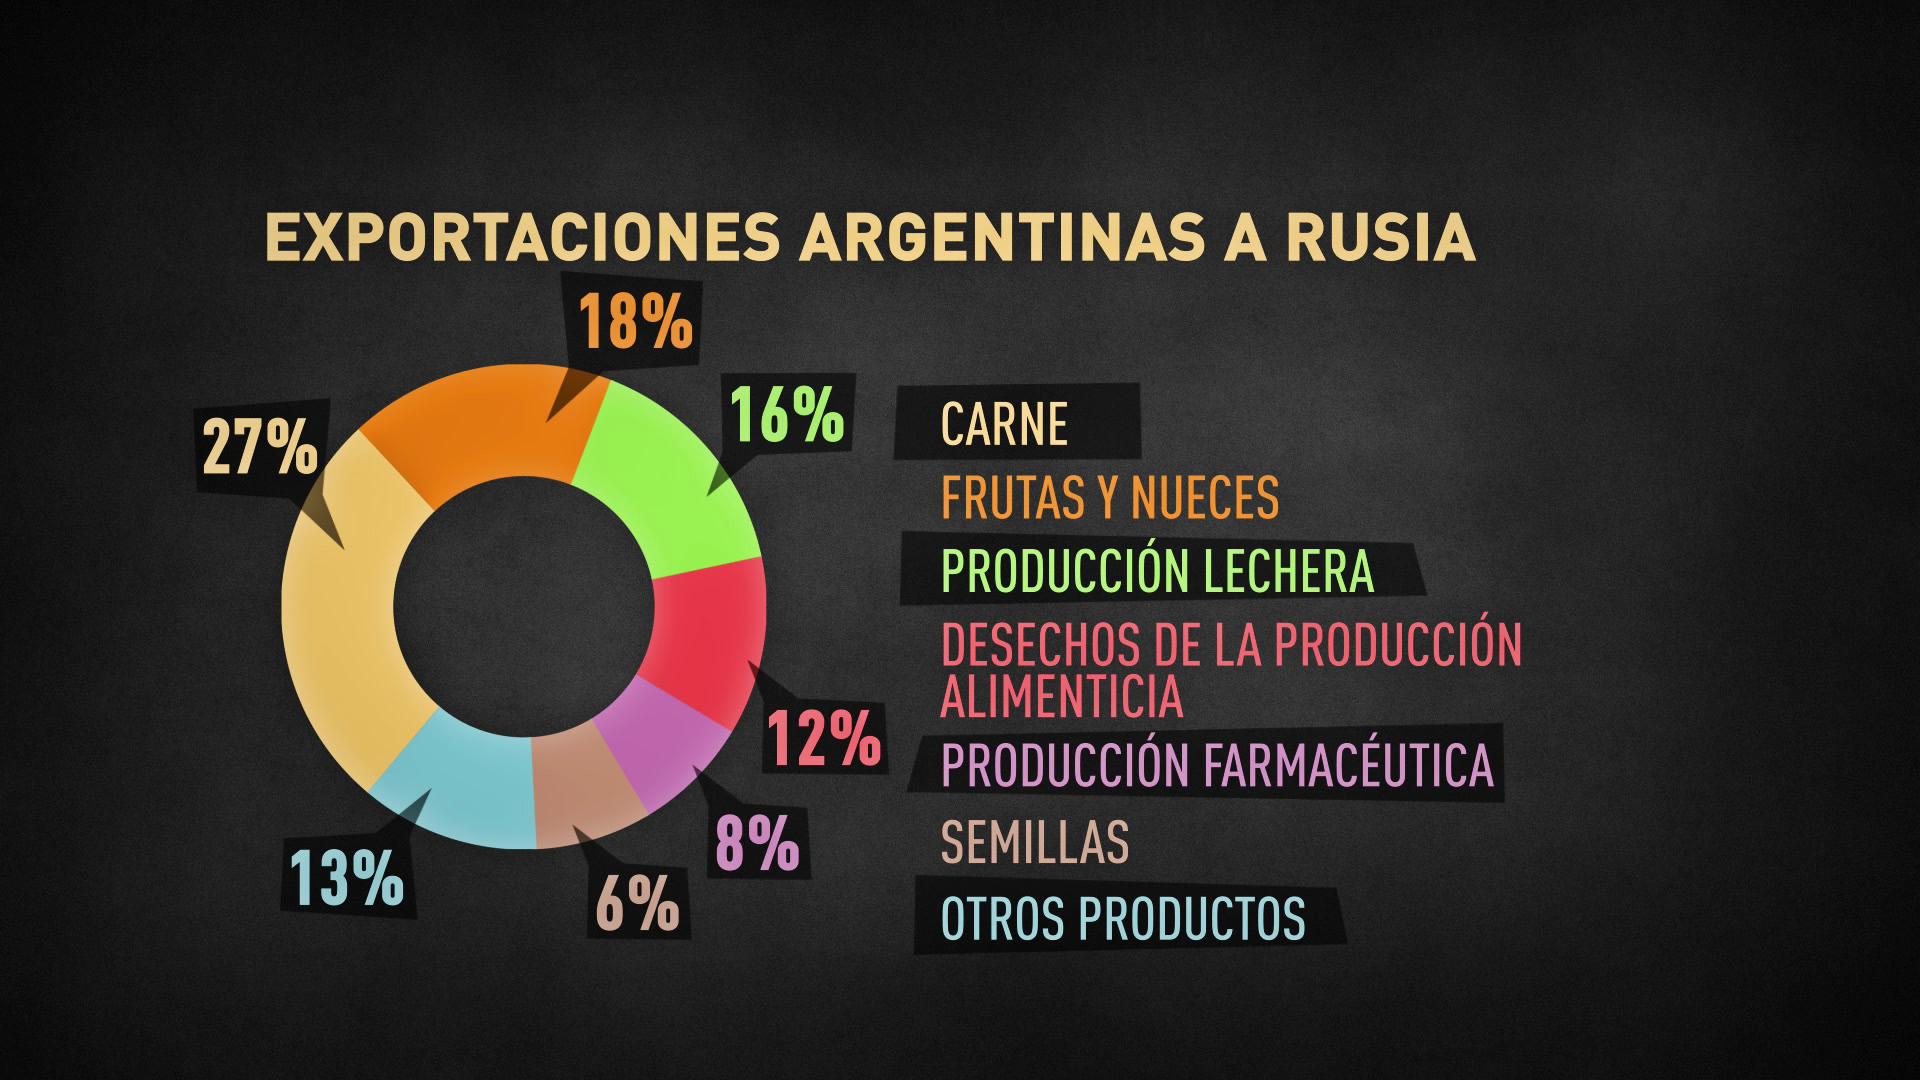 ¿Qué acuerdos pueden firmar en Moscú Cristina Fernández de Kirchner y Vladímir Putin?